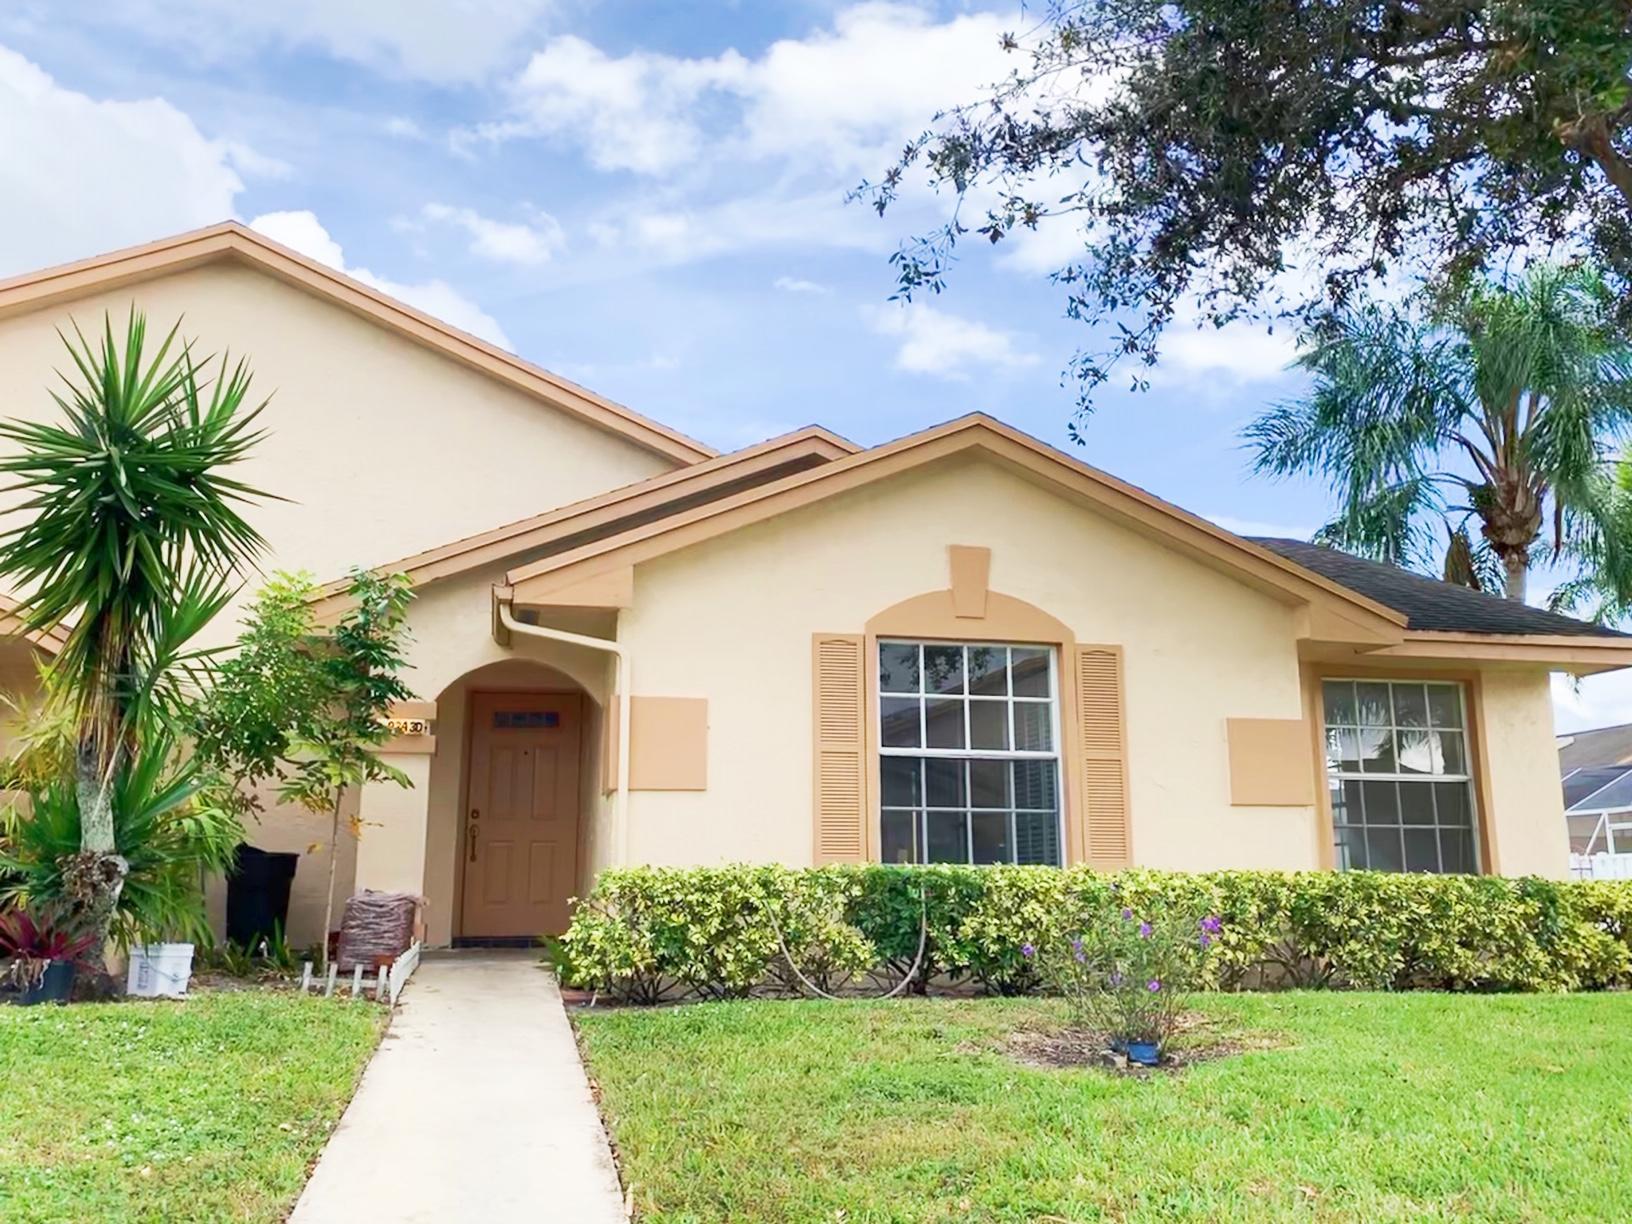 9343 Boca Gardens S Circle, Boca Raton, FL 33496